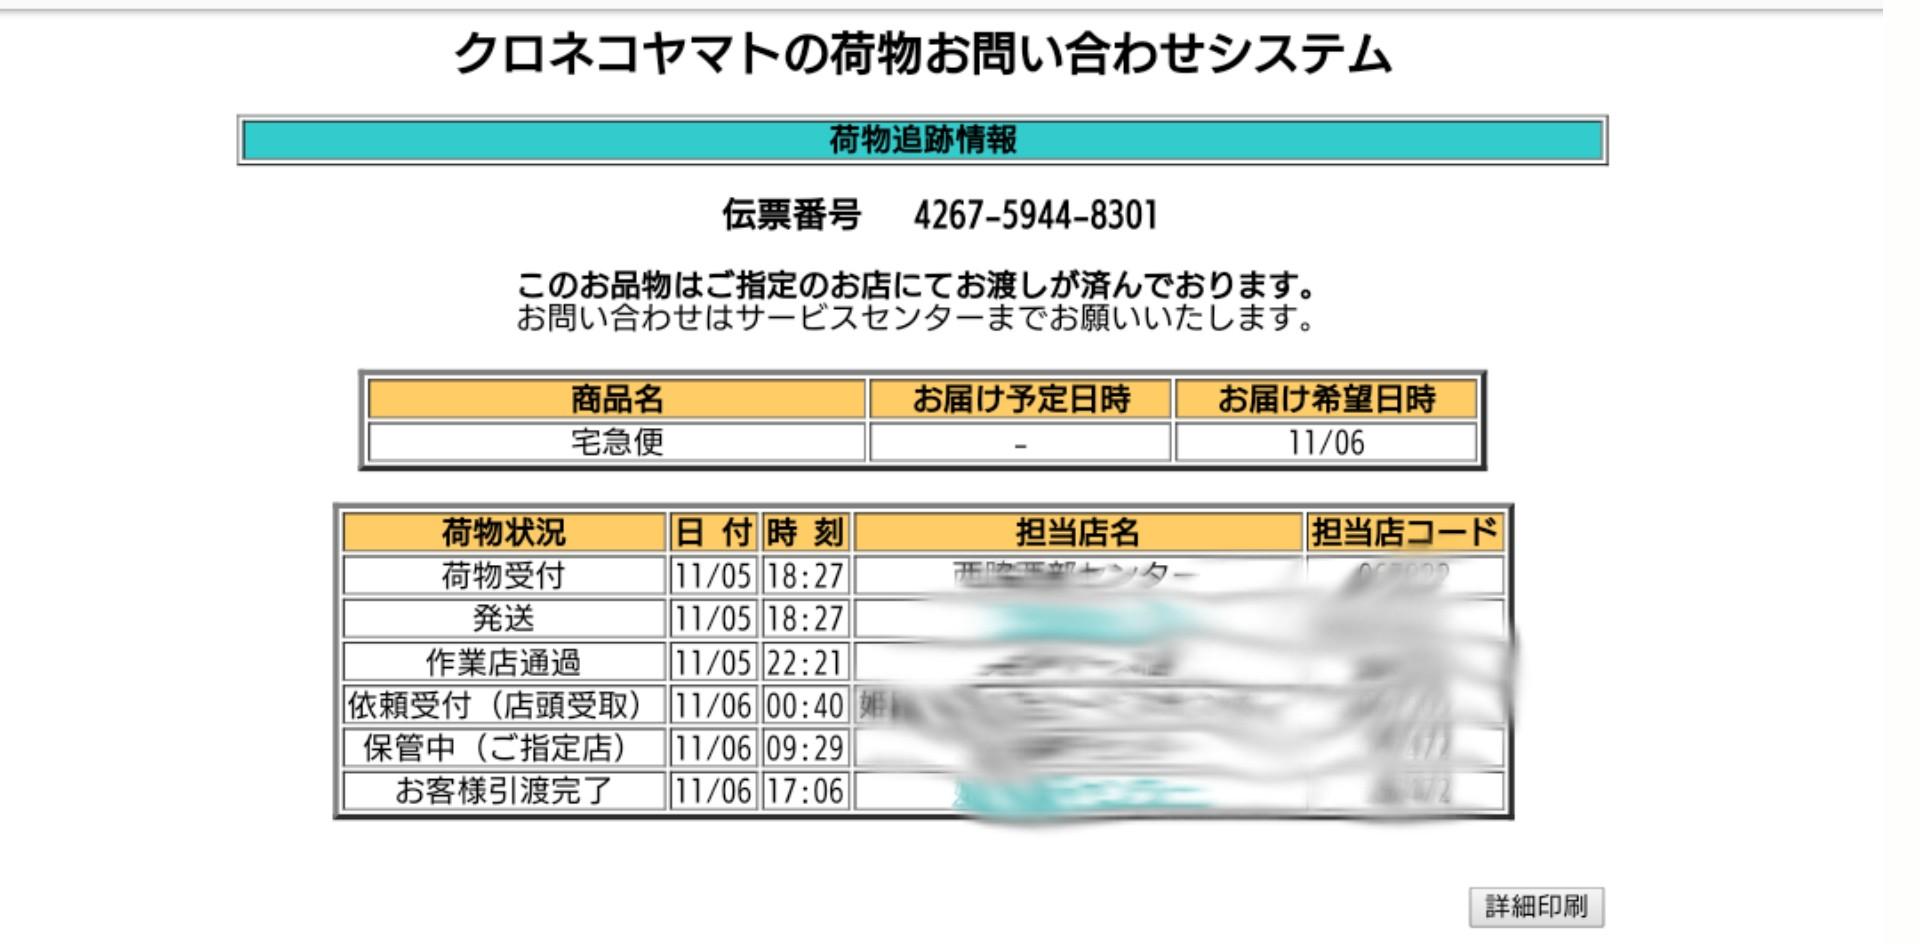 f:id:shunsuke2000:20181106204410j:plain